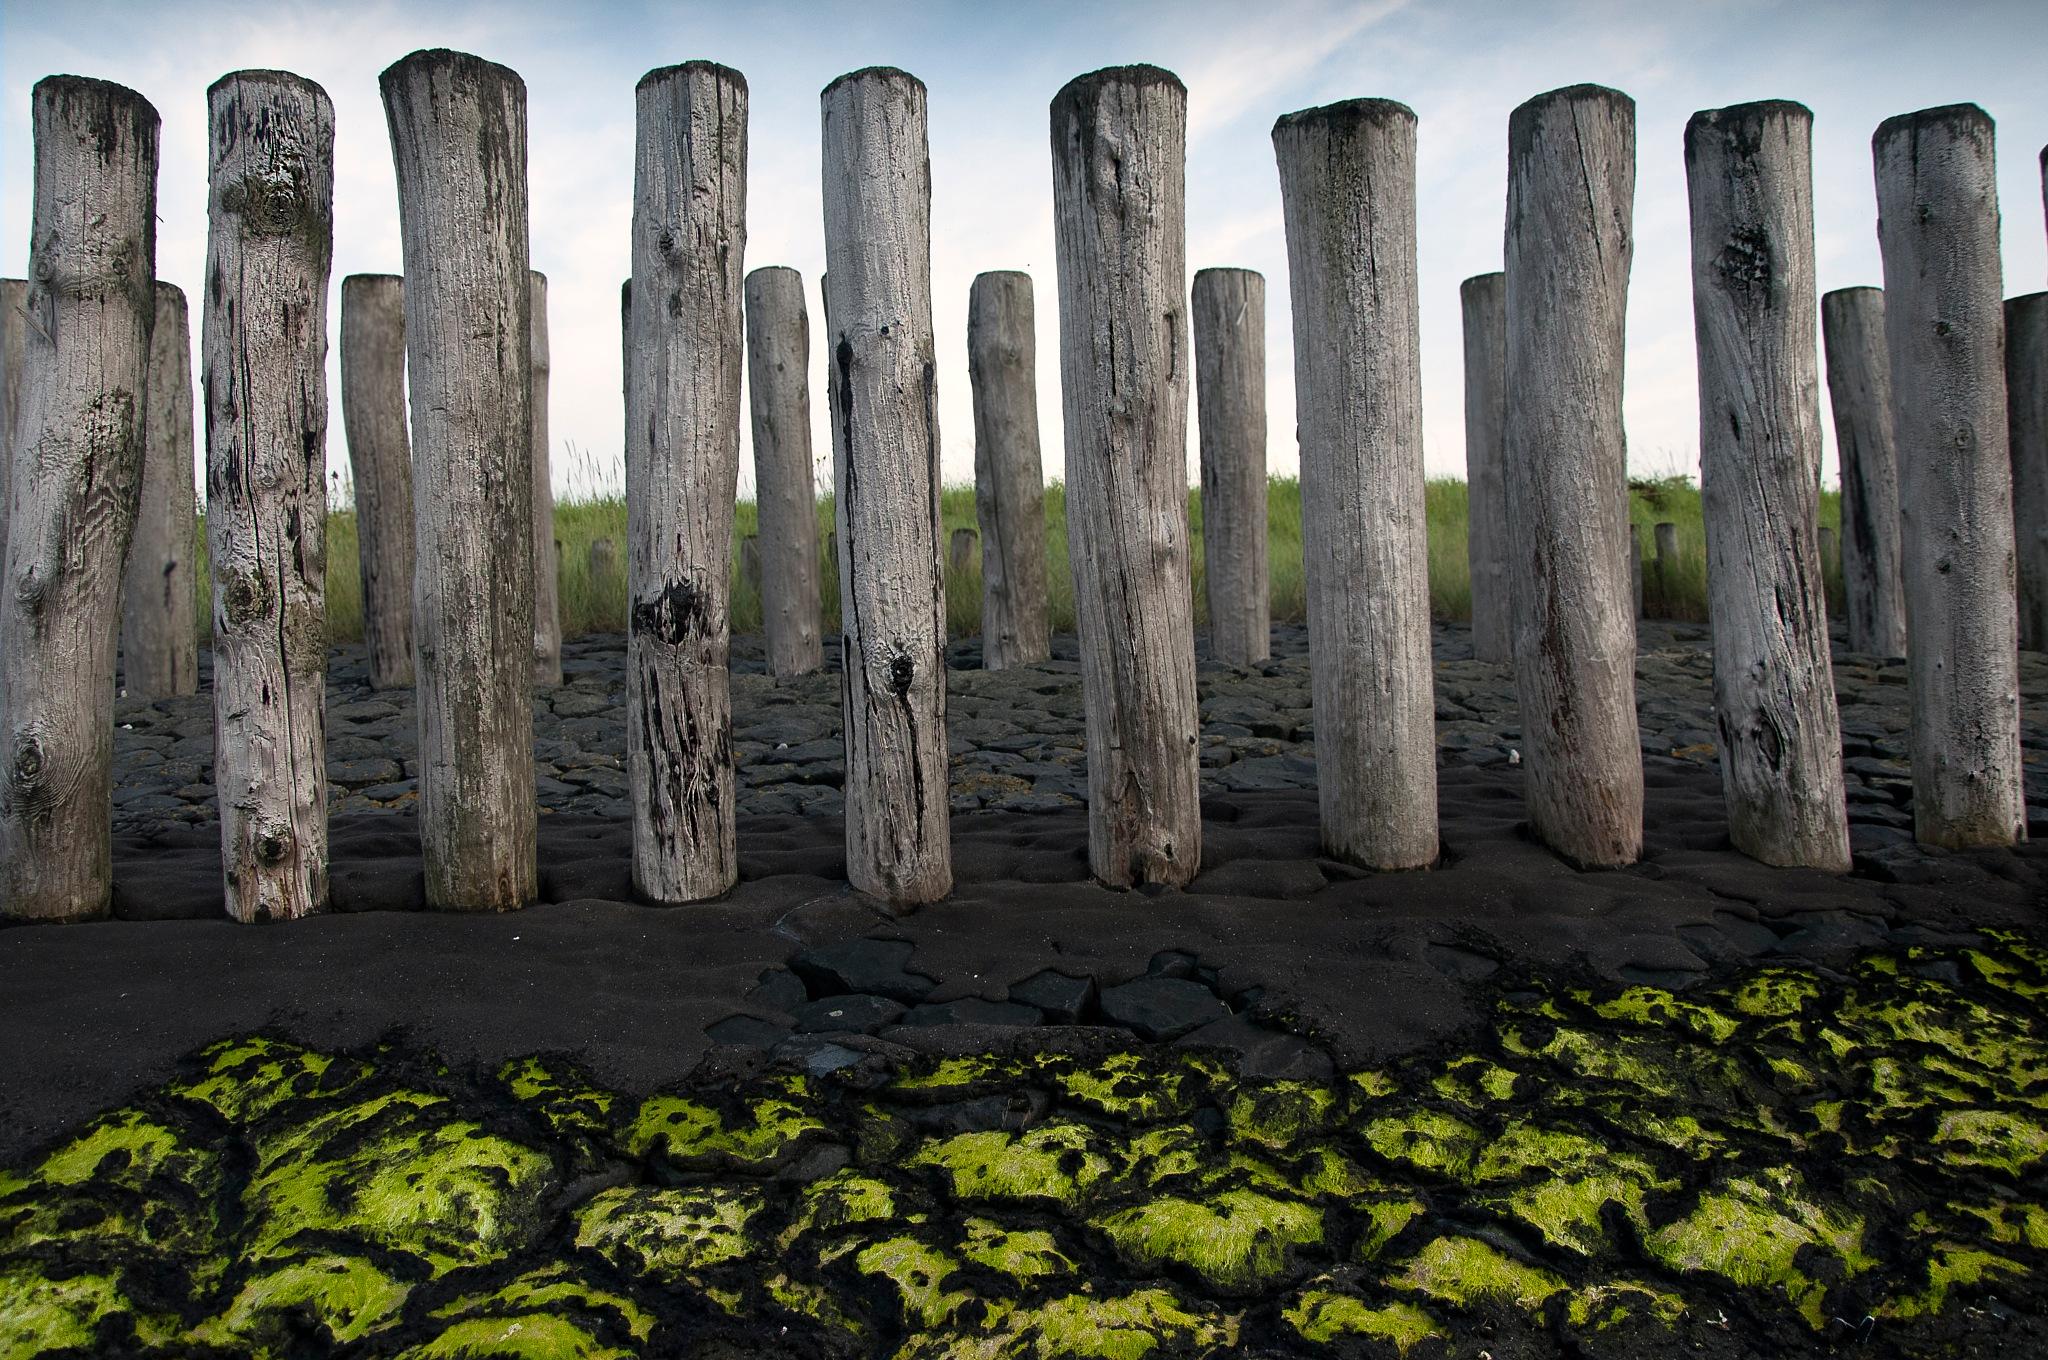 Contrast by Sonja Pixels